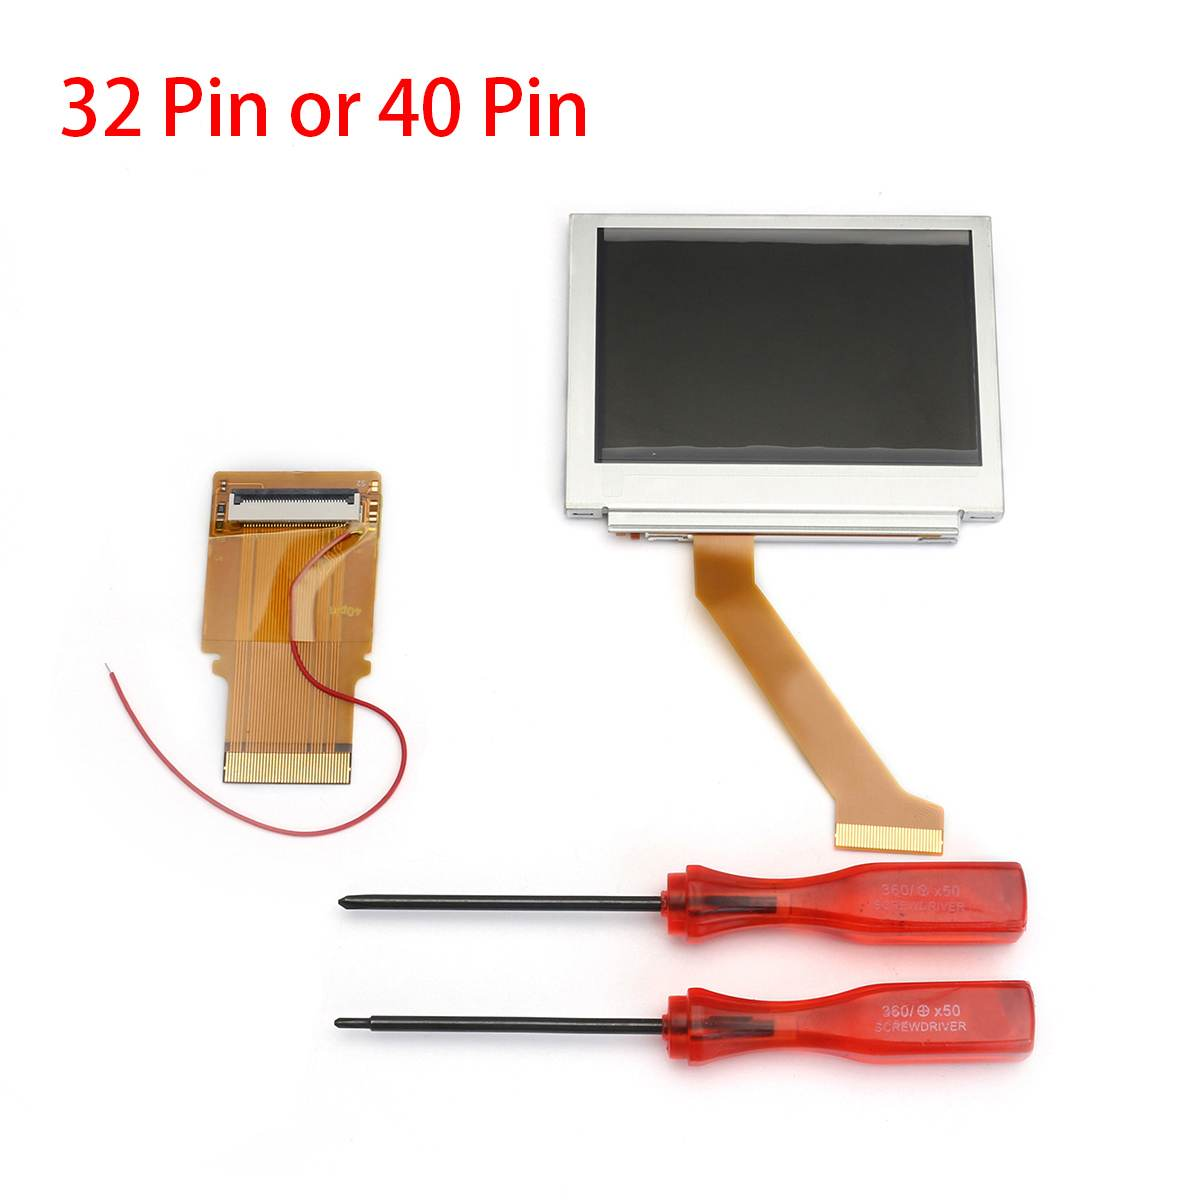 40 Pin/32 Pin Ruban Câble Rétro-Éclairé Adaptateur + GBA SP AGS 101 Rétro-Éclairé Écran Mod Kit Pour Jeux boy Advance Vidéo Pièces De Rechange